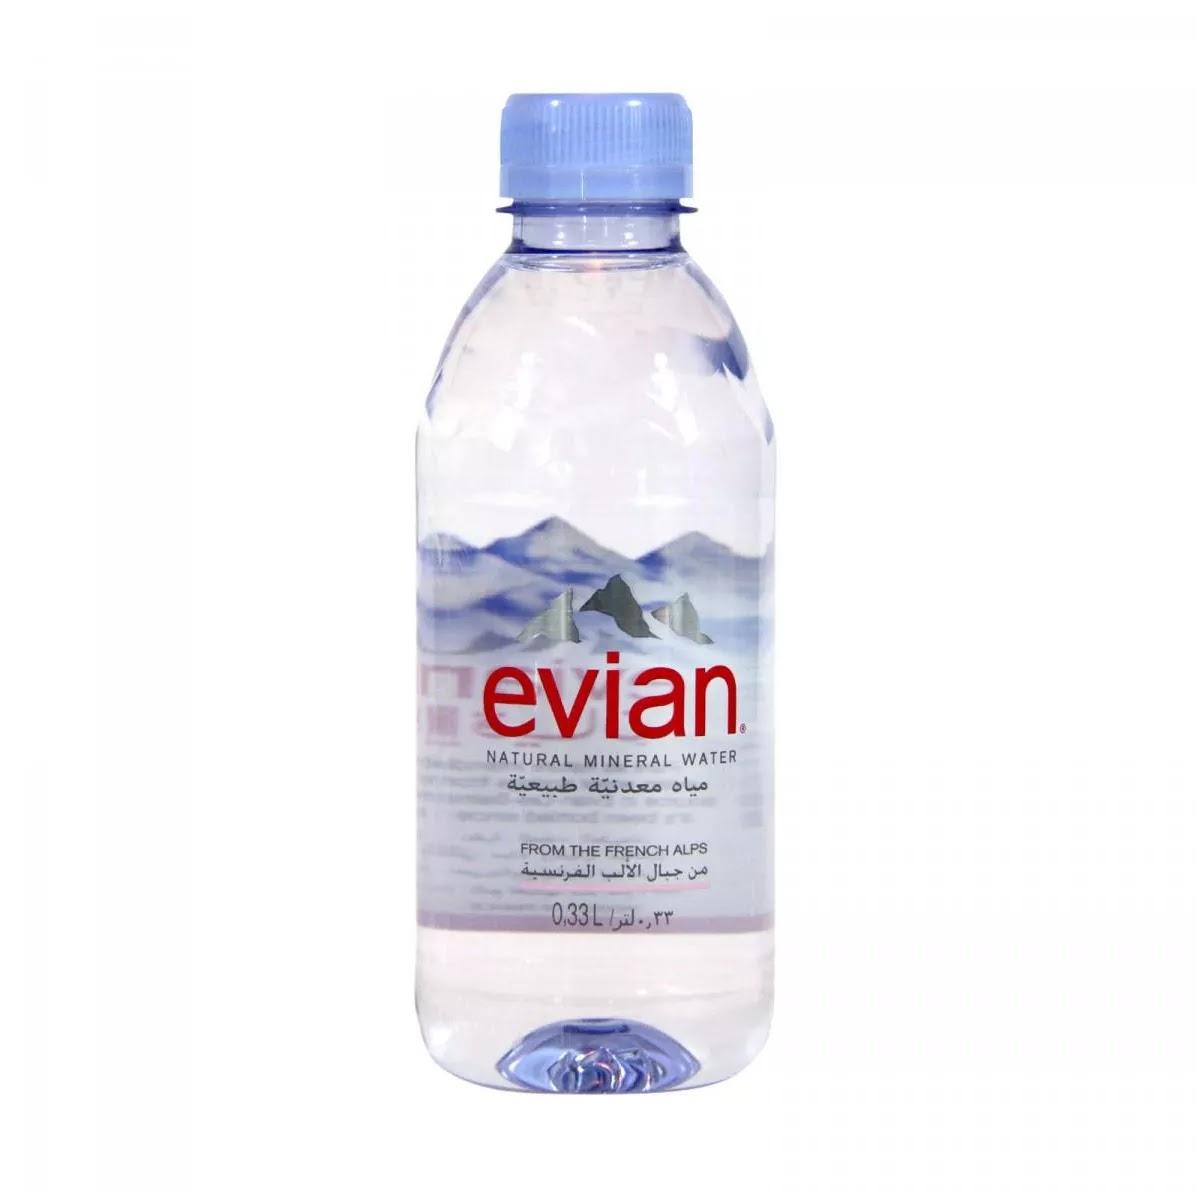 سعر مياه معدنية إيفيان Evian في مصر 2021